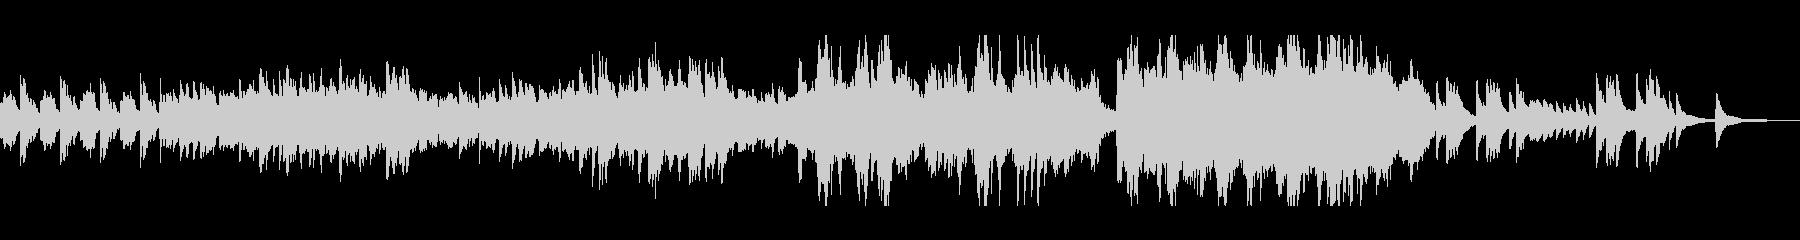 ストリングスとピアノの幻想的な旋律の未再生の波形